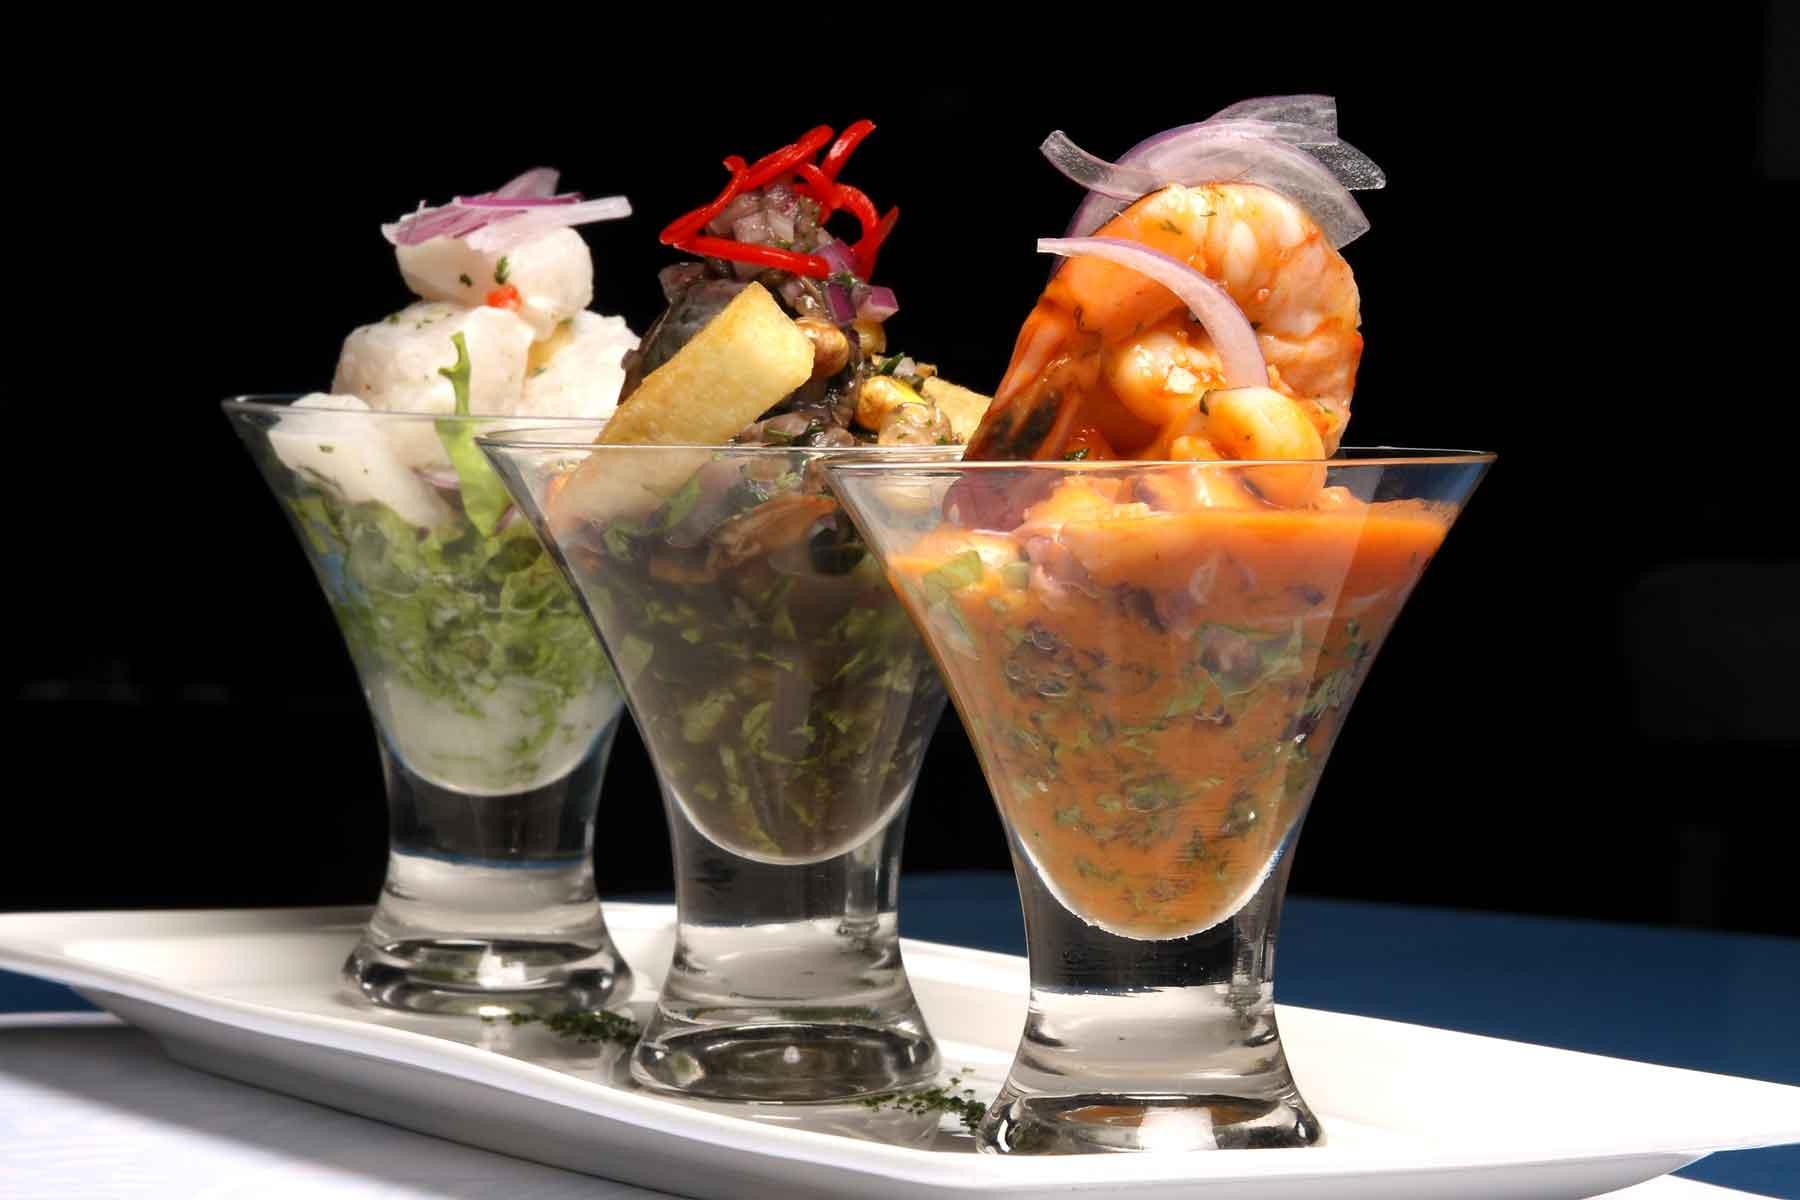 Gastronom a peruana viva el men for Cocina peruana de vanguardia